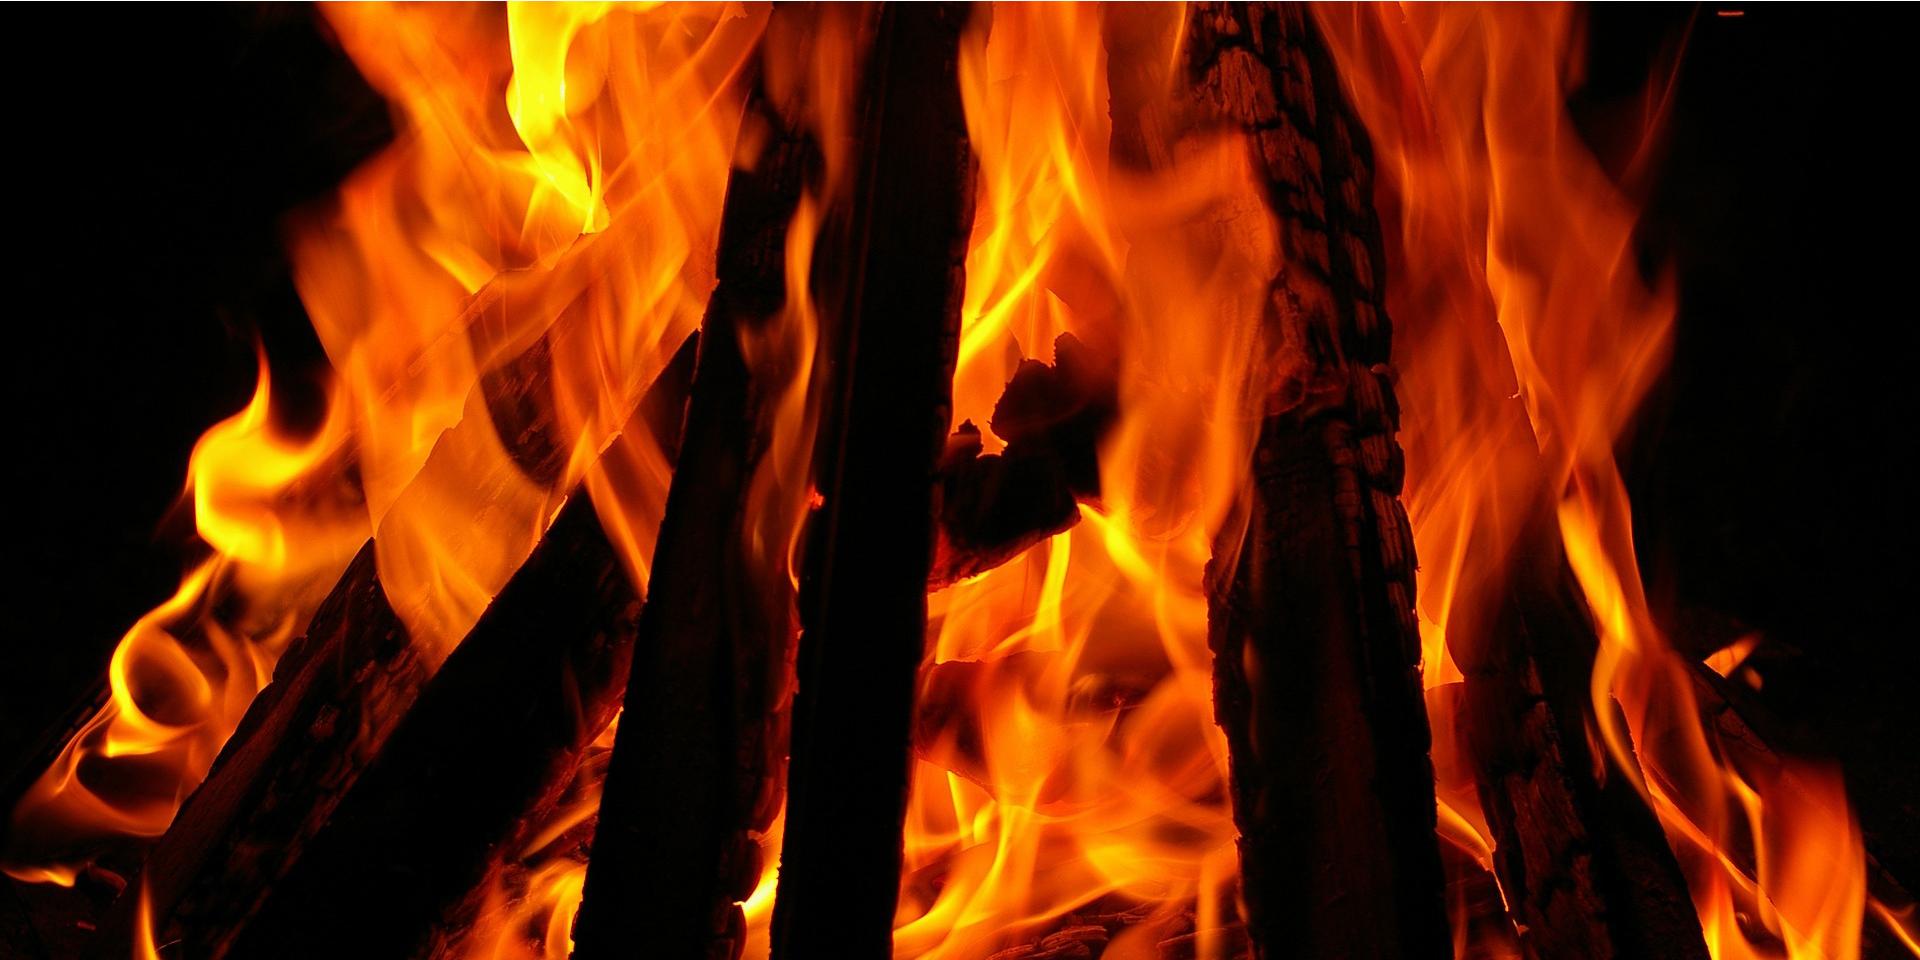 Feuer, Bild: © pixabay / Riemer